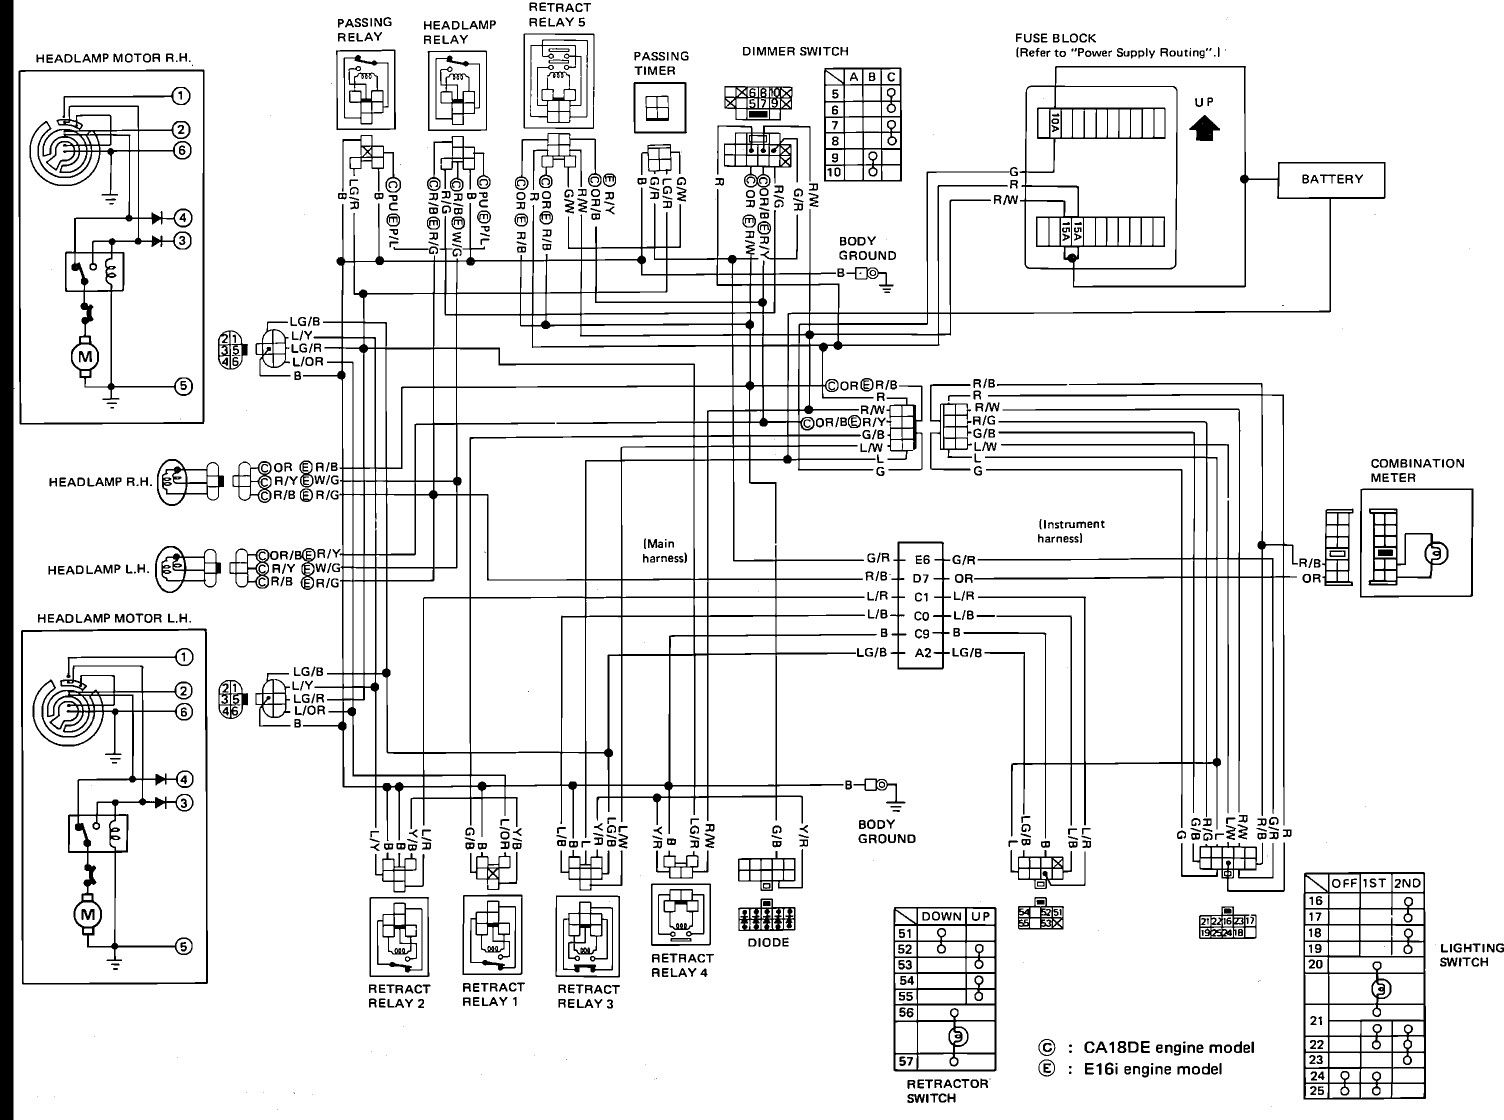 nissan pulsar wiring diagram wiring diagram, nissan, wire Nissan Schematic Diagram